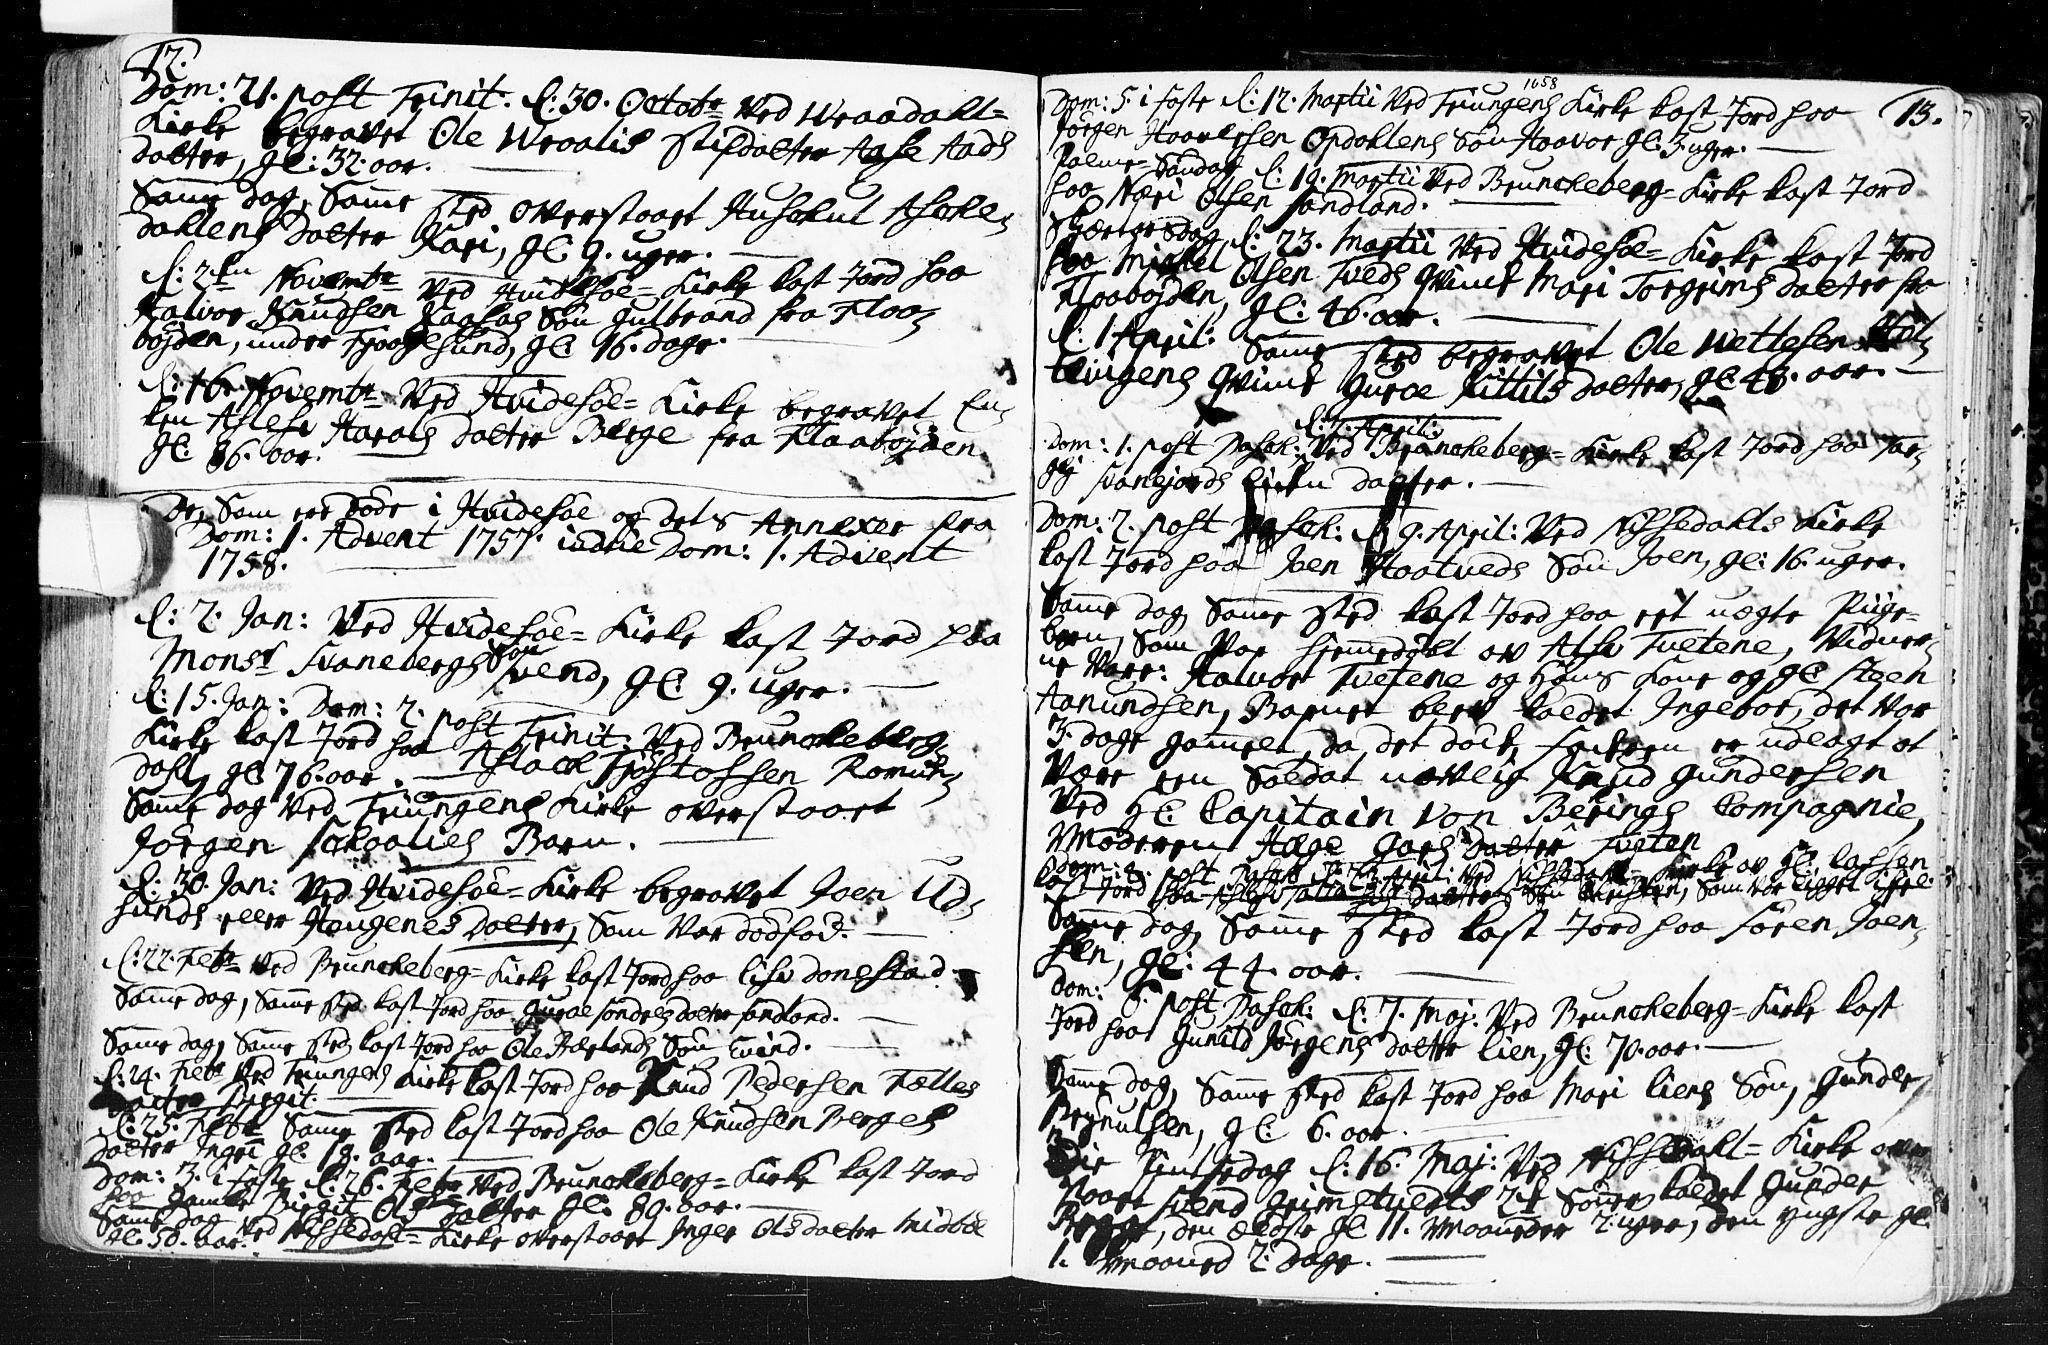 SAKO, Kviteseid kirkebøker, F/Fa/L0001: Ministerialbok nr. I 1, 1754-1773, s. 12-13